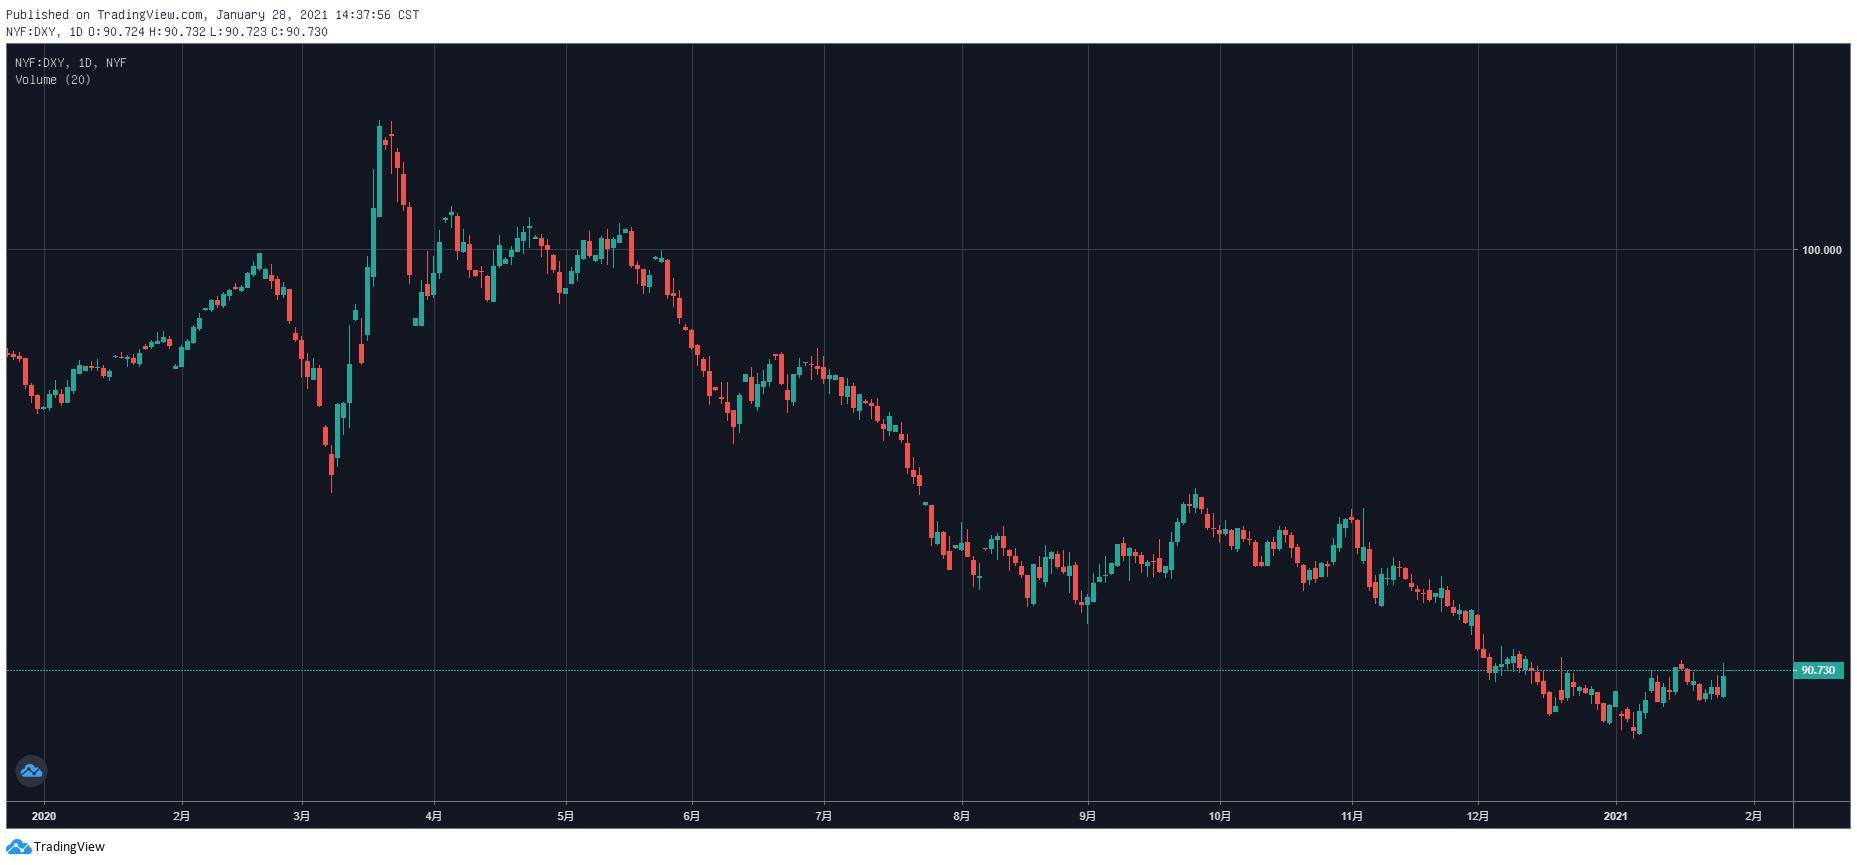 黄金大方向维持震荡 国内金价或被低估